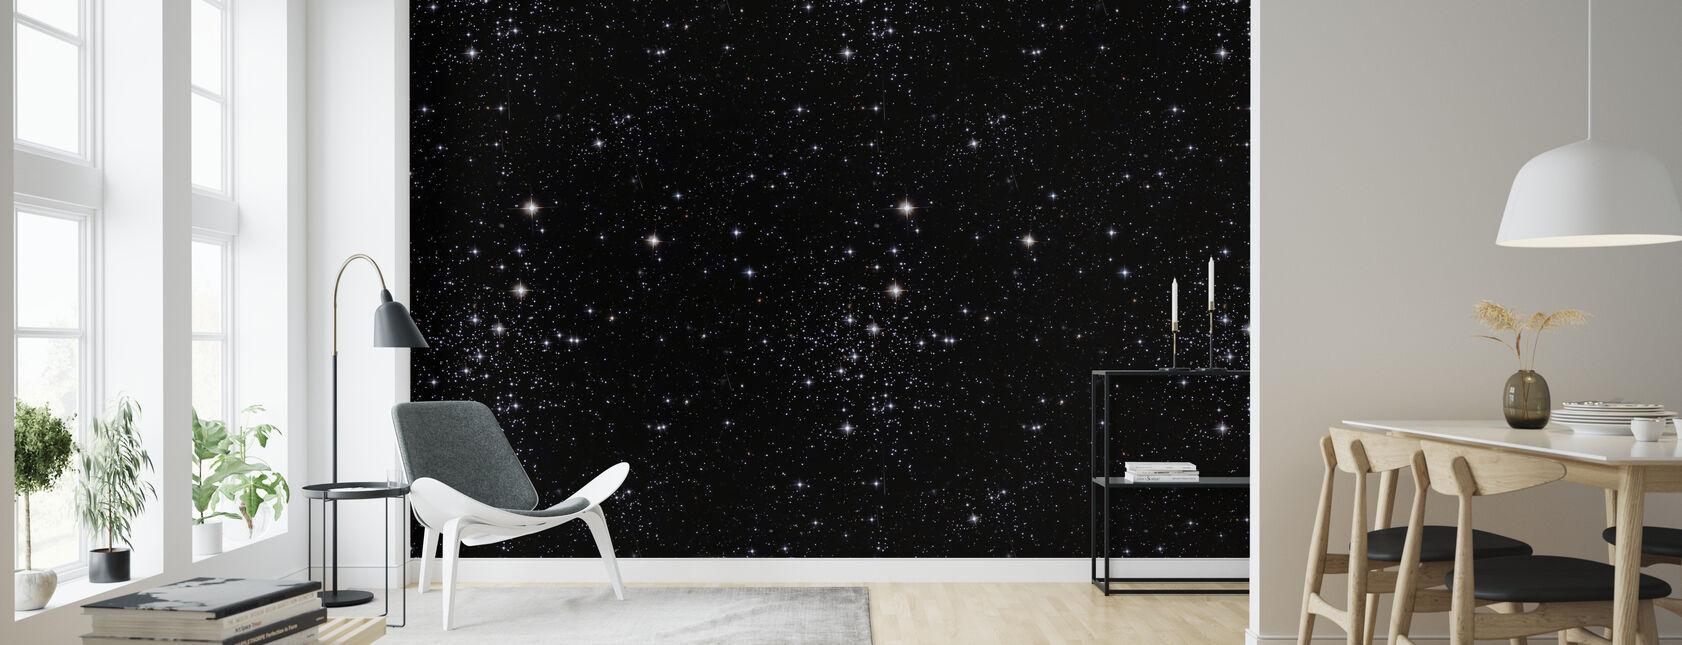 Star Night - Wallpaper - Living Room